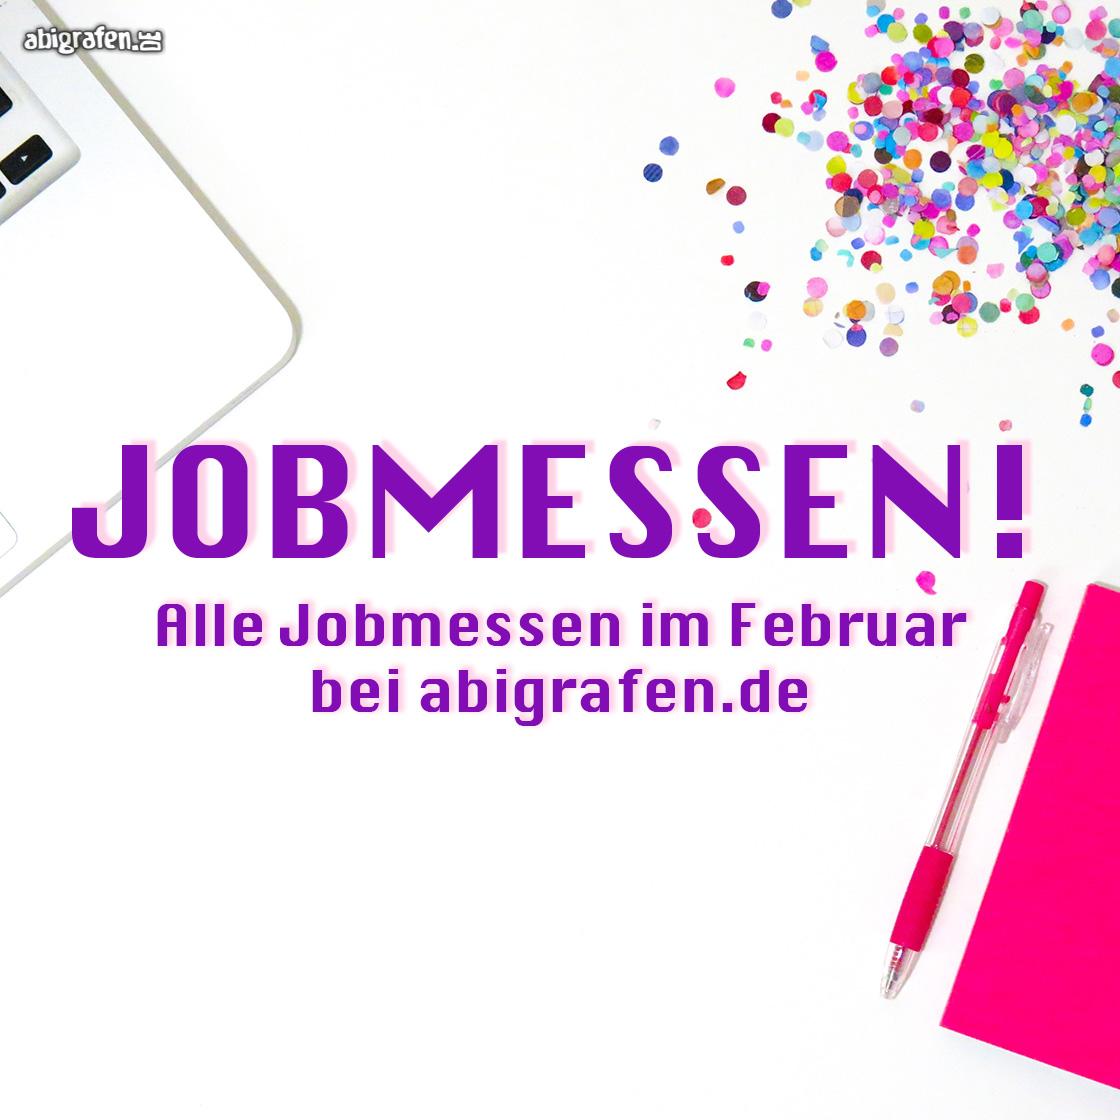 Die aktuellen Jobmessen im Februar hier und jetzt bei abigrafen.de